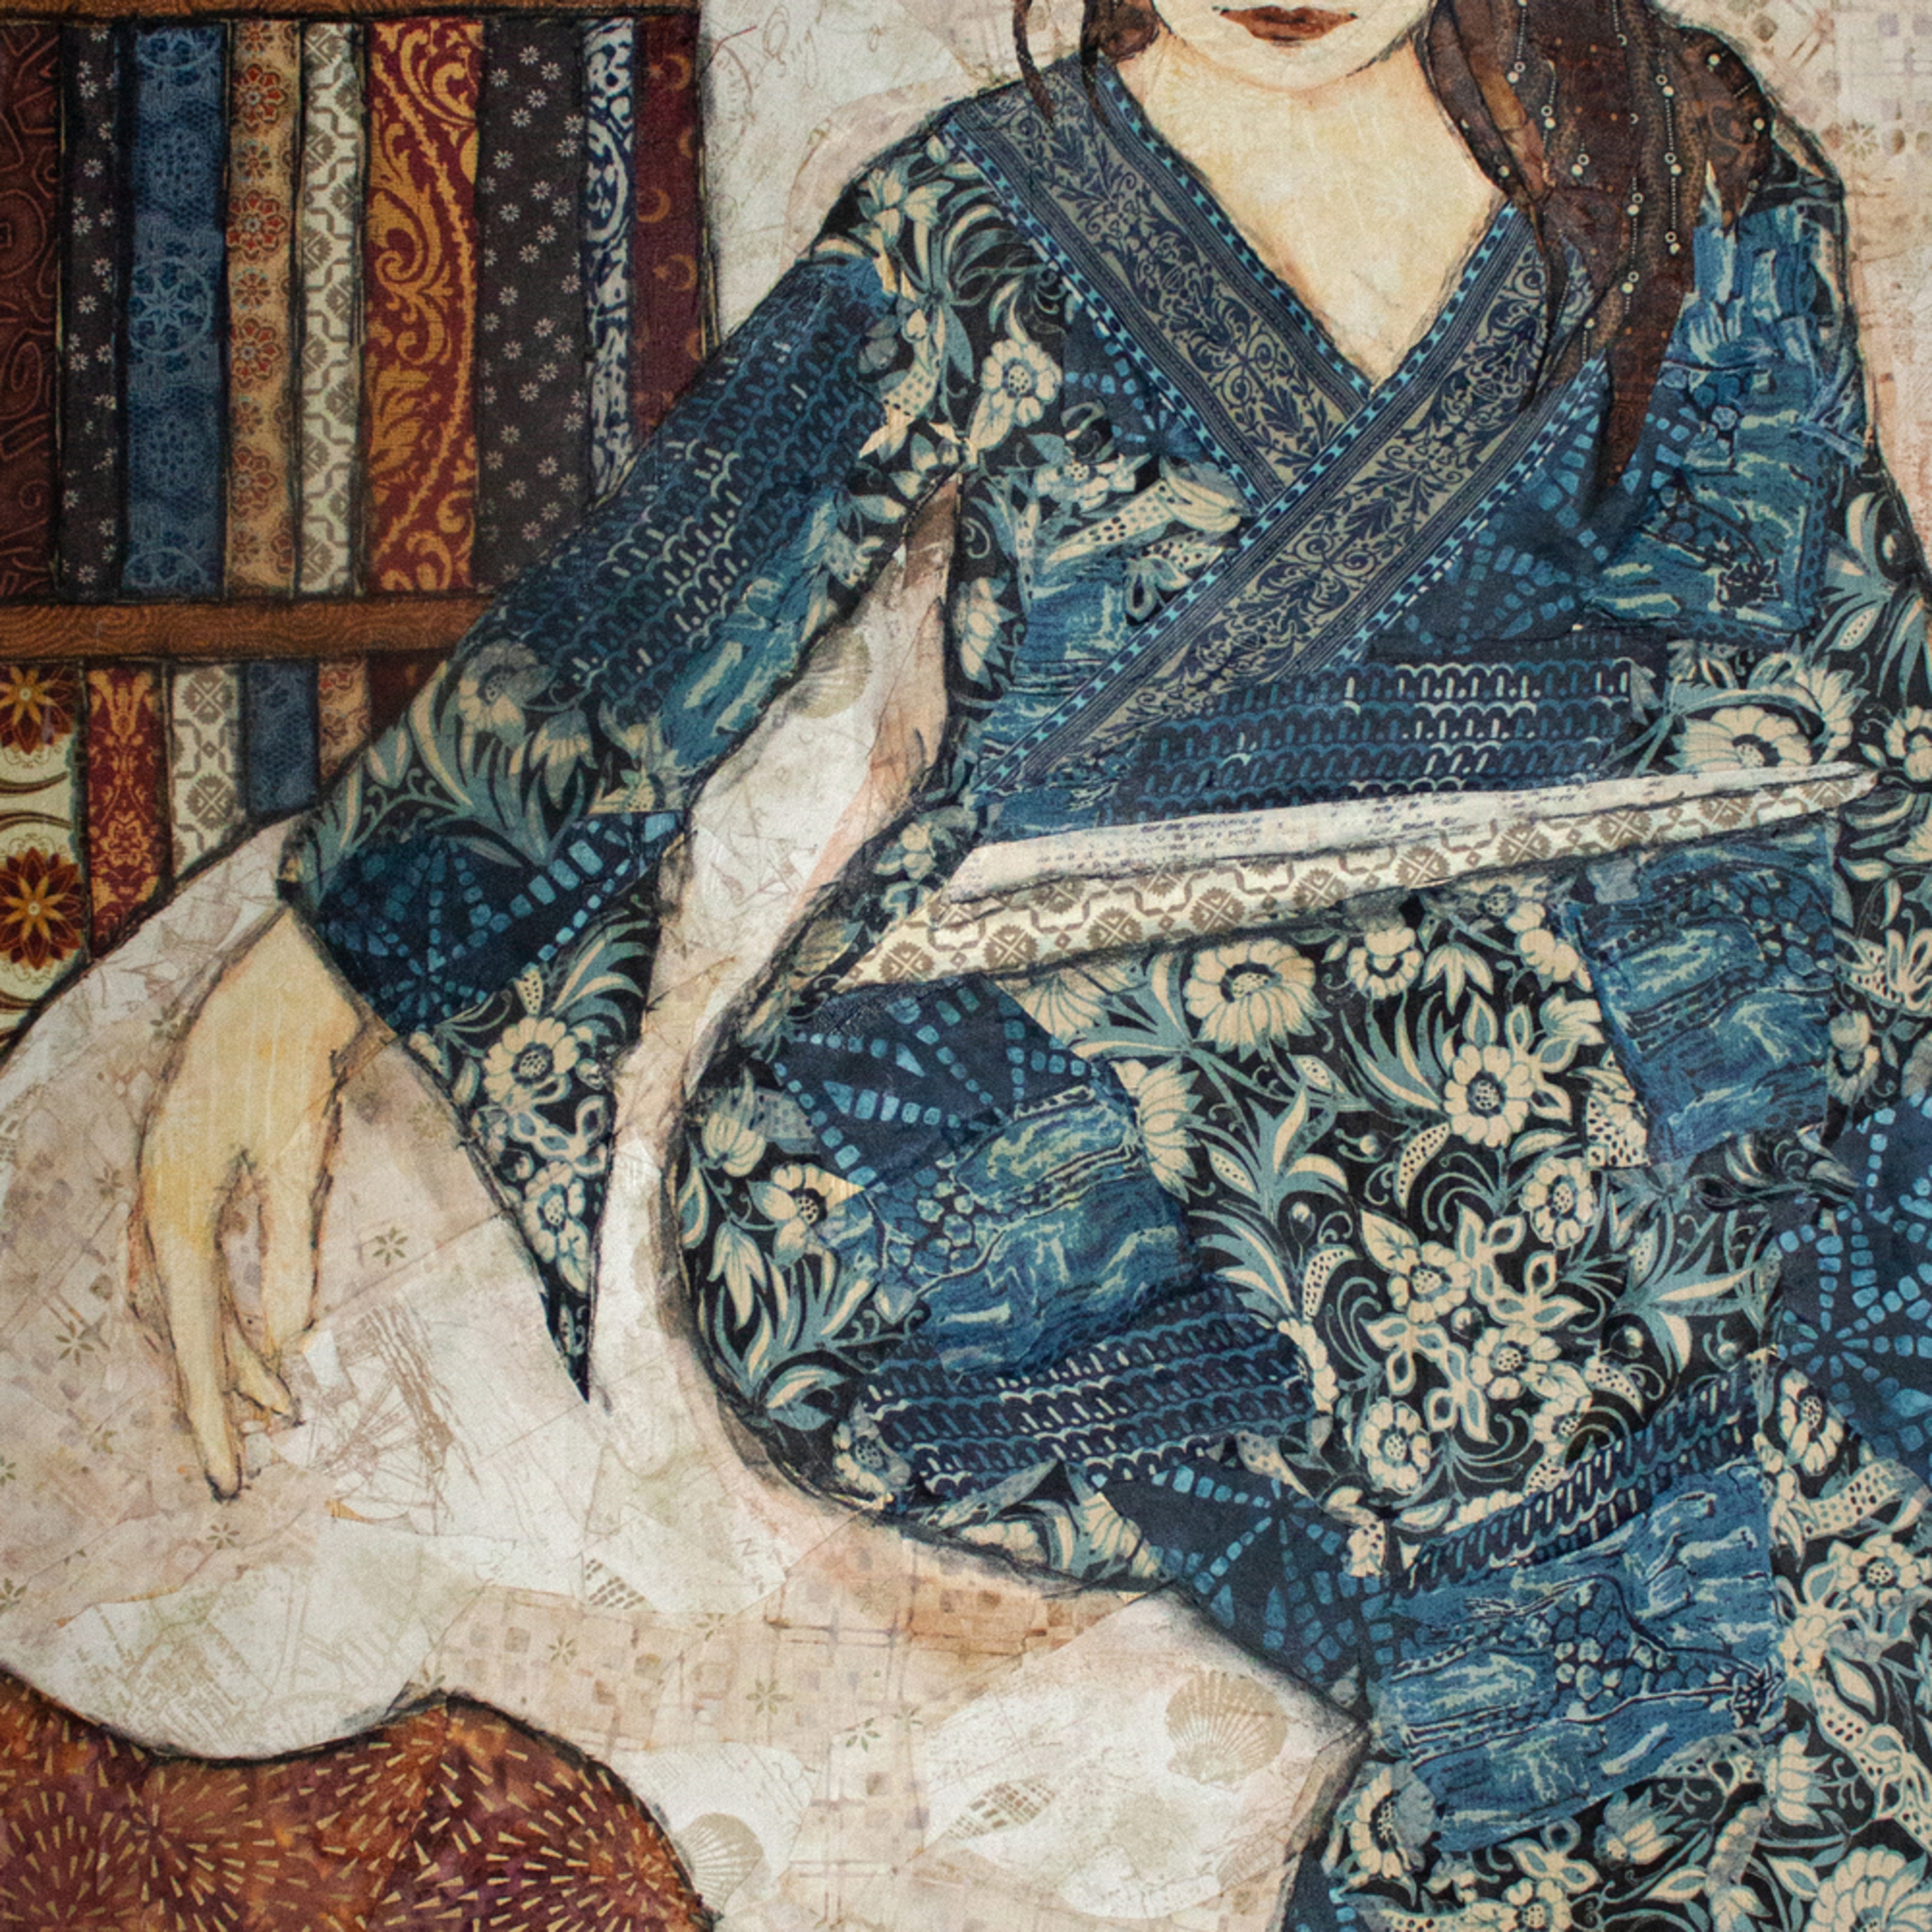 Reader blue 3 printful 24 x 36  210 zslrrw